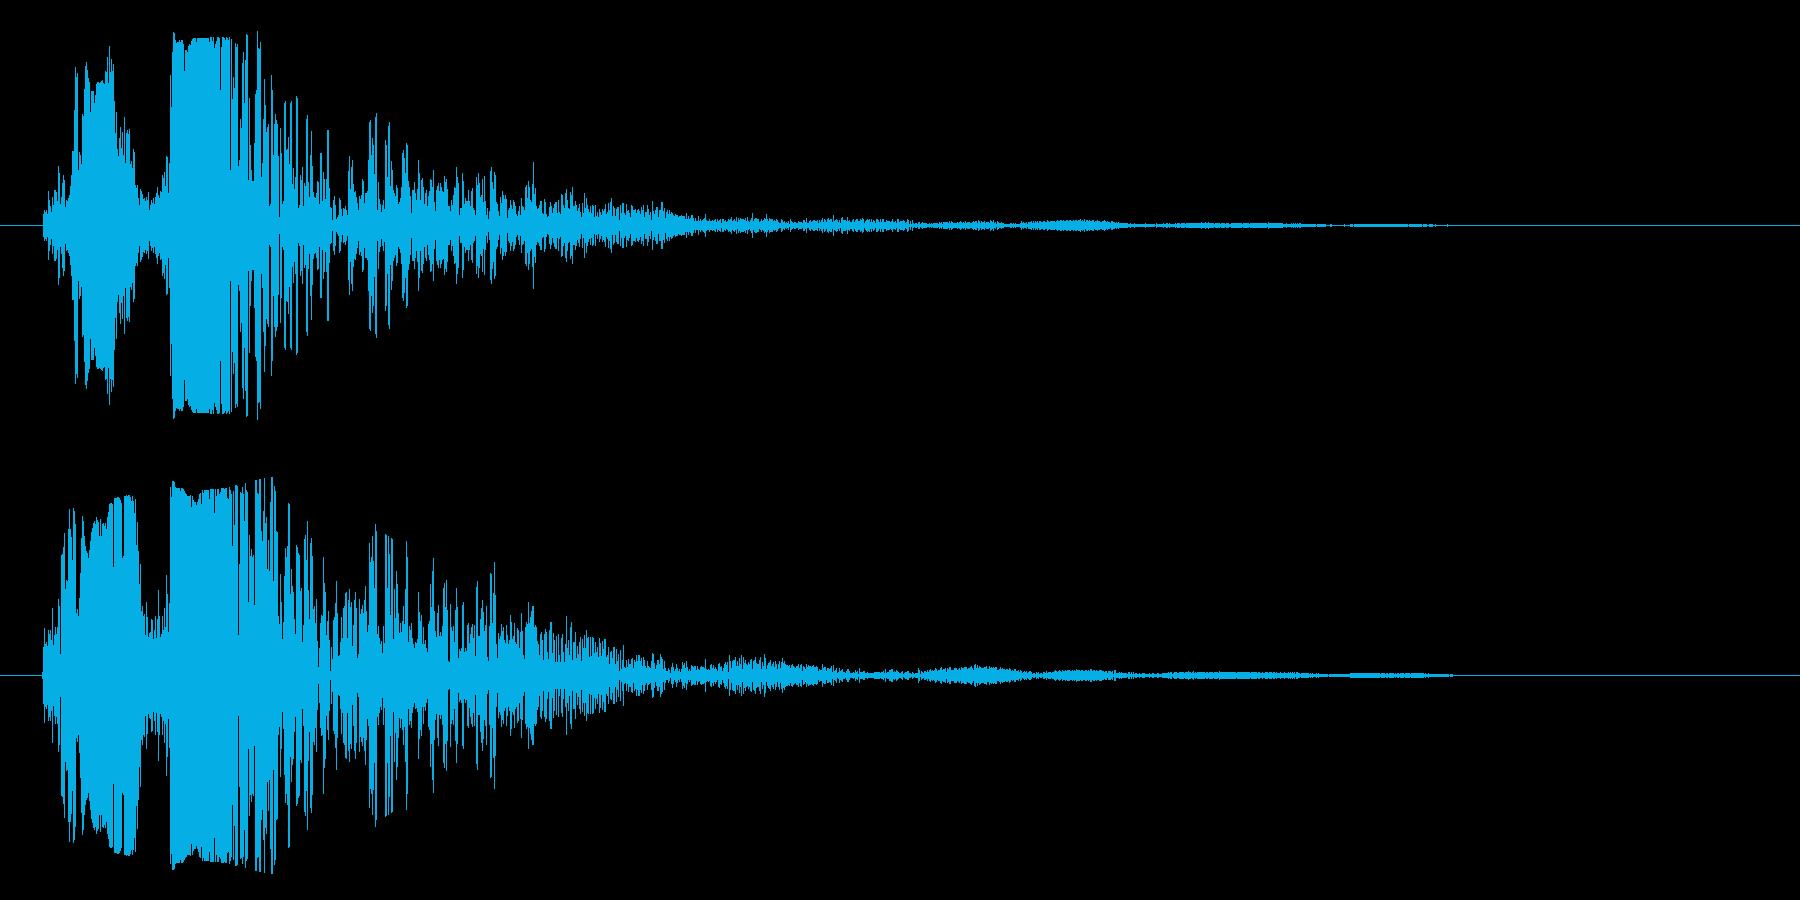 バシャッ(重ためのシャッター音)の再生済みの波形